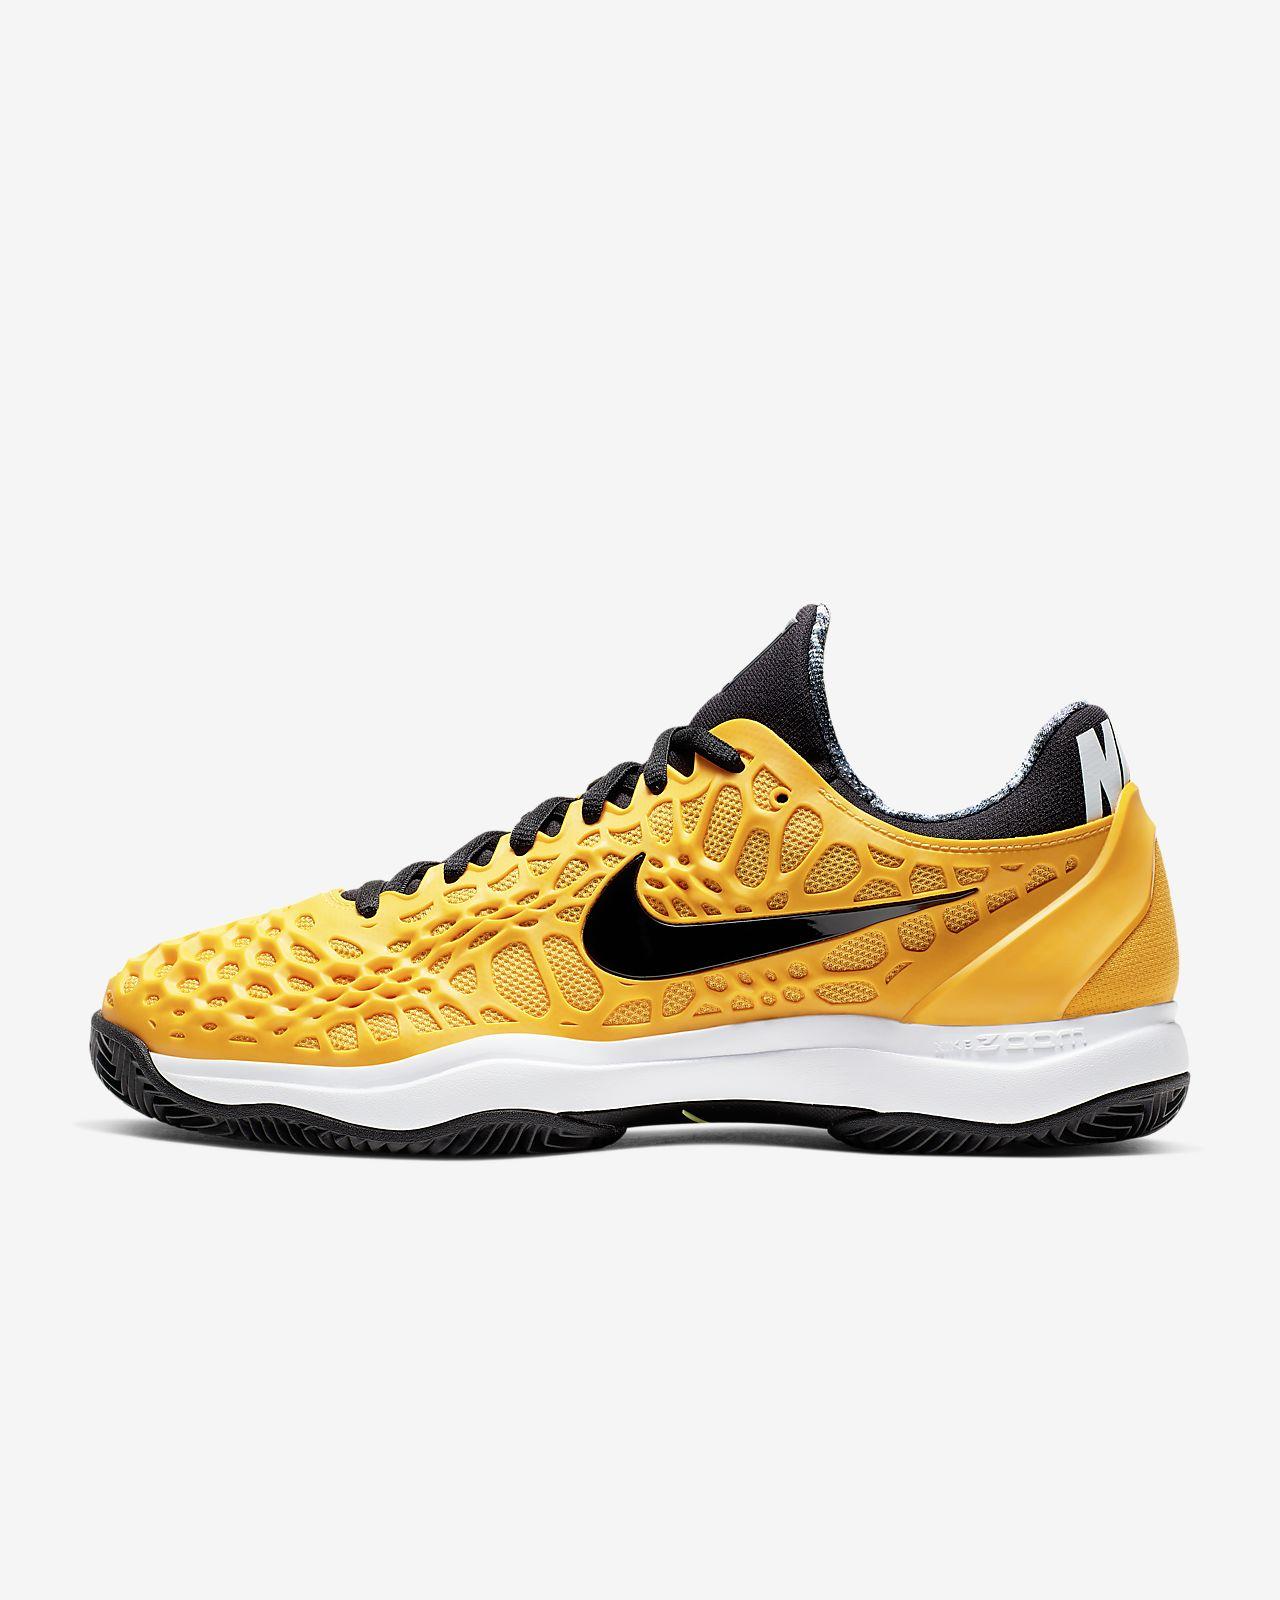 0c20343a4 Sapatilhas de ténis Nike Zoom Cage 3 Clay para homem. Nike.com PT